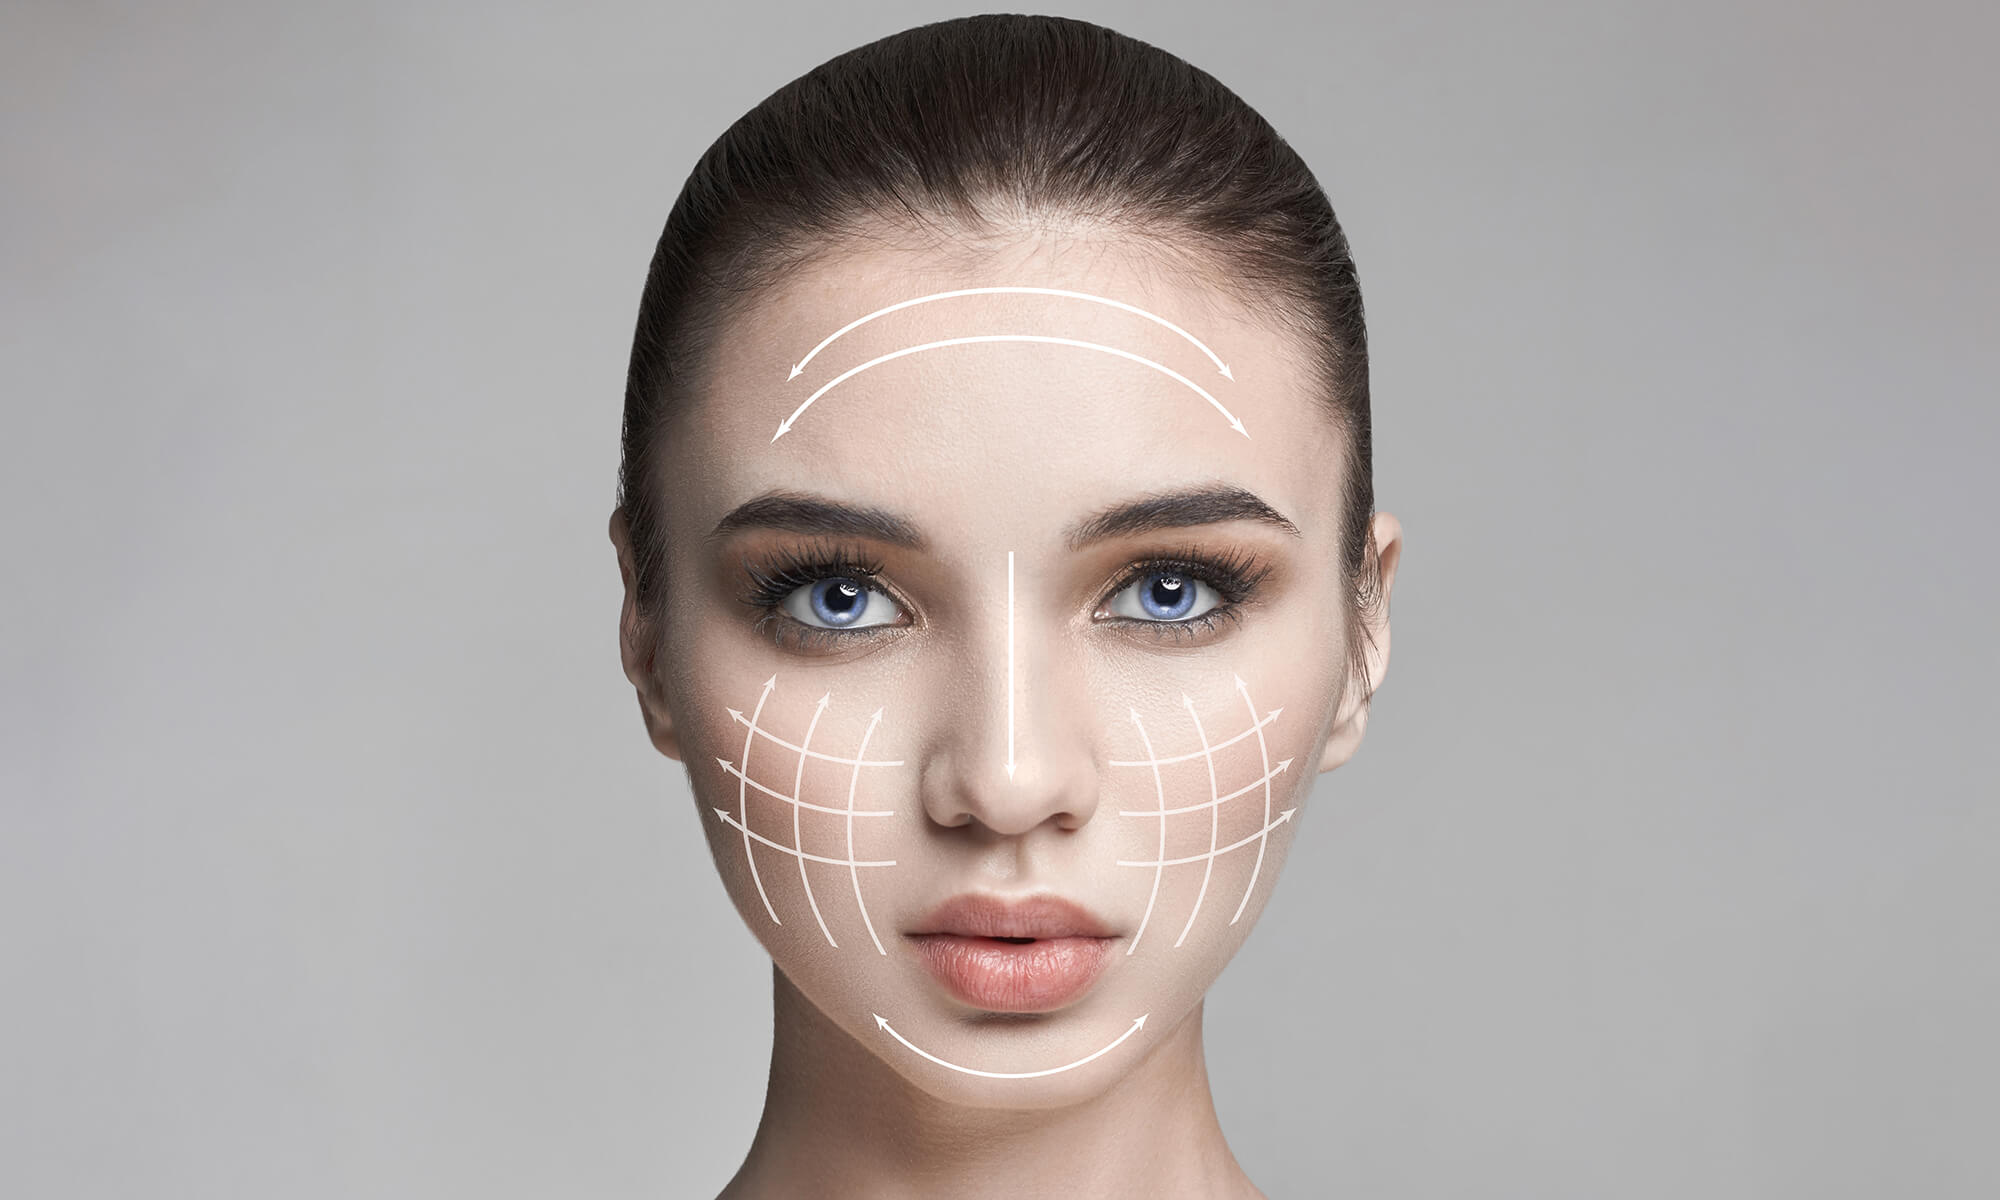 asimetria faciala fata simetrica tratament estetic dermatologie analiza faciala avansata medlink center craiova